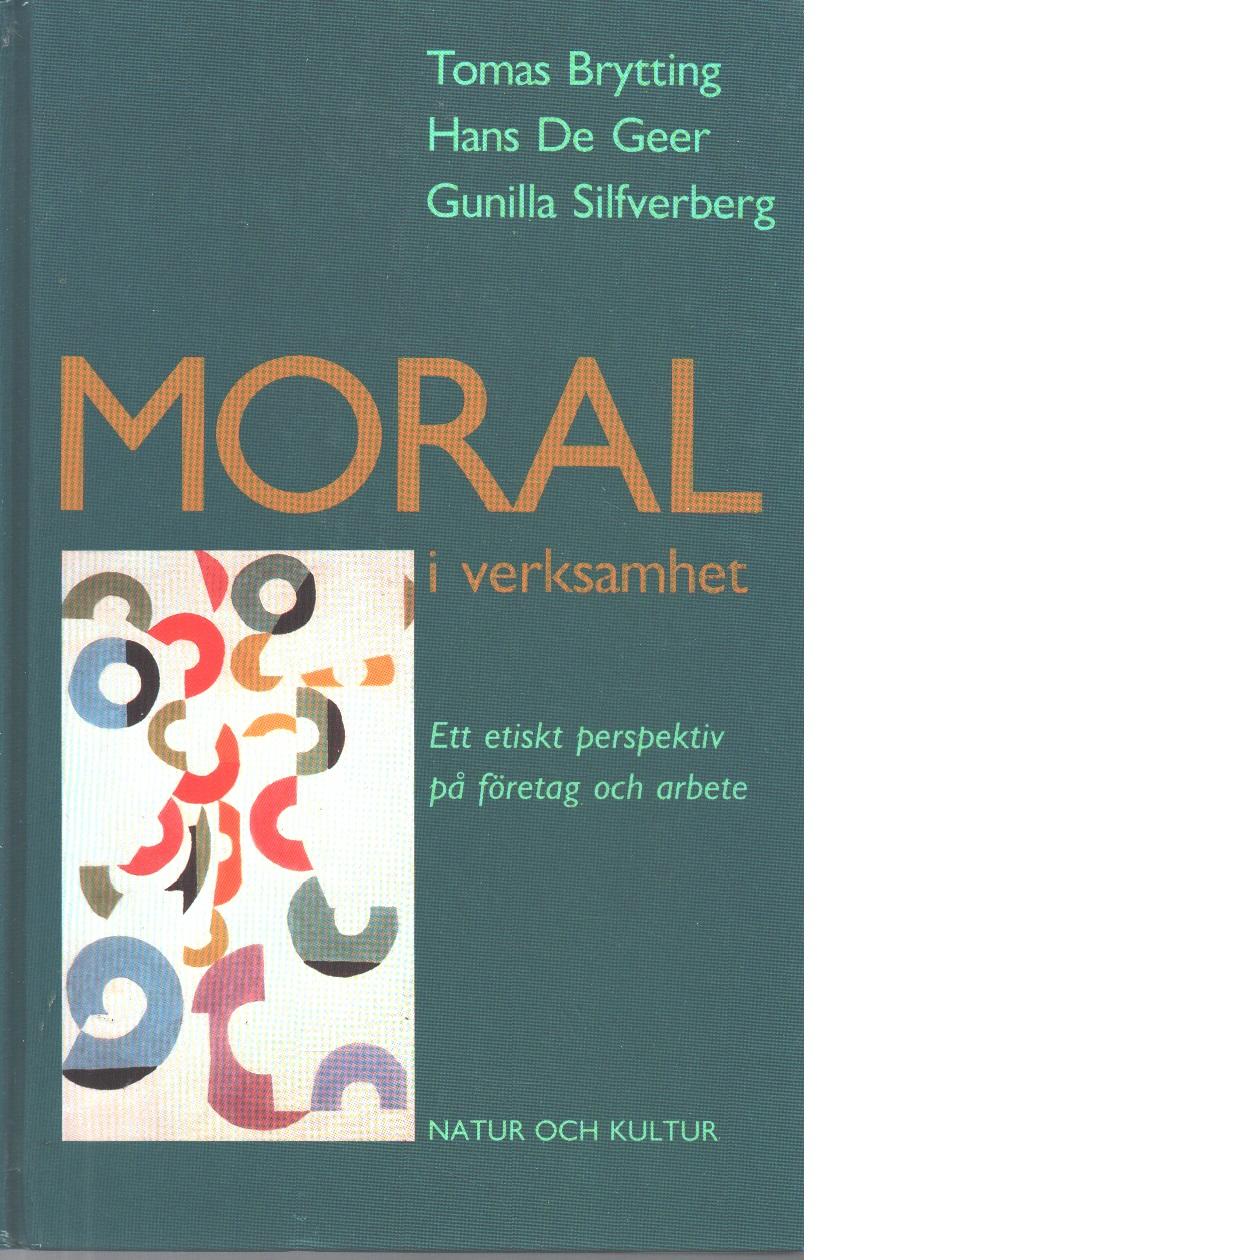 Moral i verksamhet : ett etiskt perspektiv på företag och arbete - Brytting, Tomas och De Geer, Hans samt Silfverberg, Gunilla